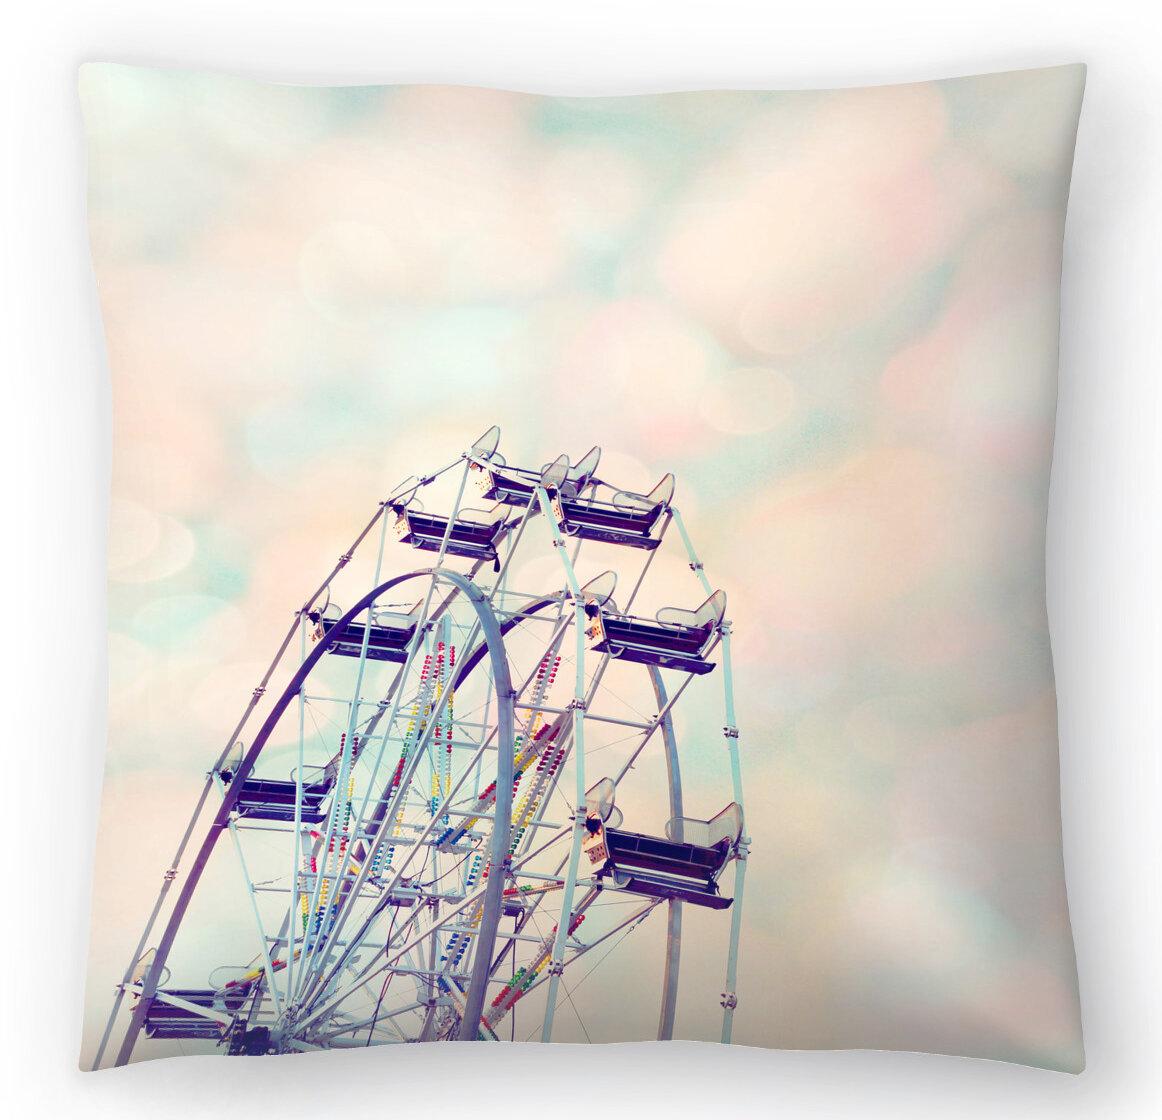 East Urban Home The Gingham Owl Rainbow Sherbet Sky Throw Pillow Wayfair